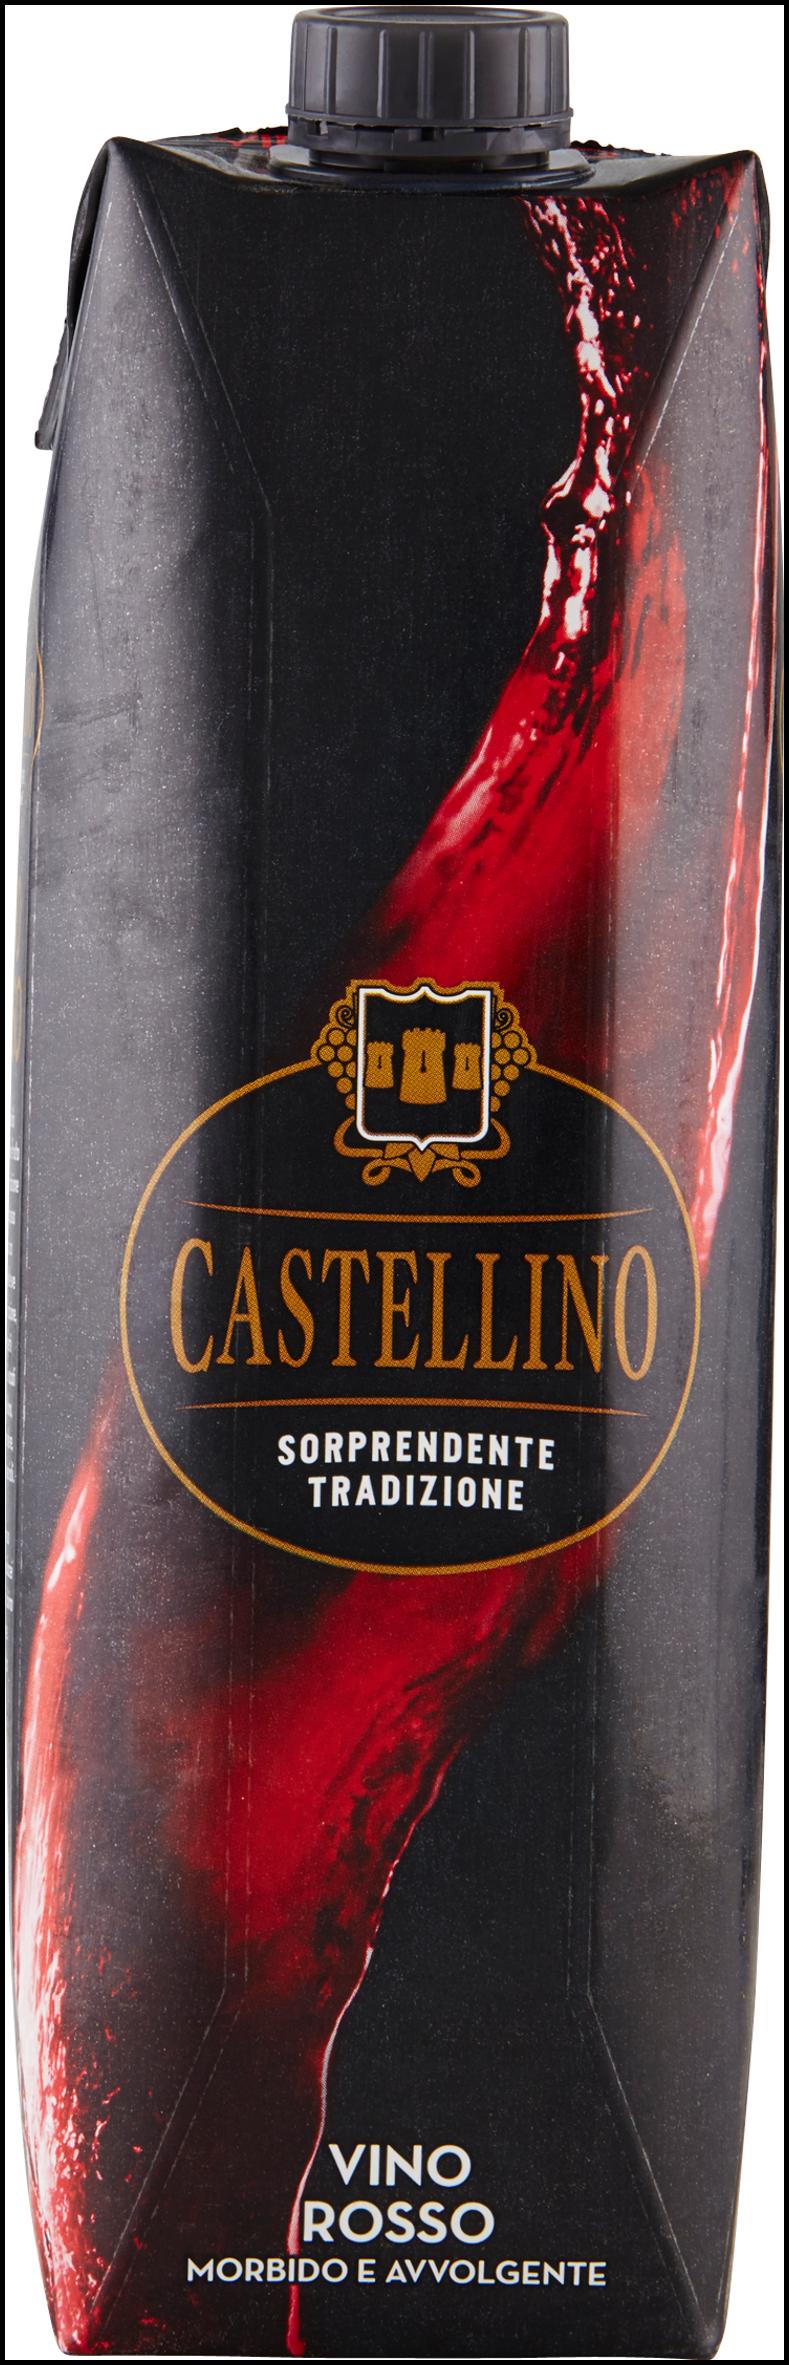 CASTELLINO VINO ROSSO BRIK LT 1